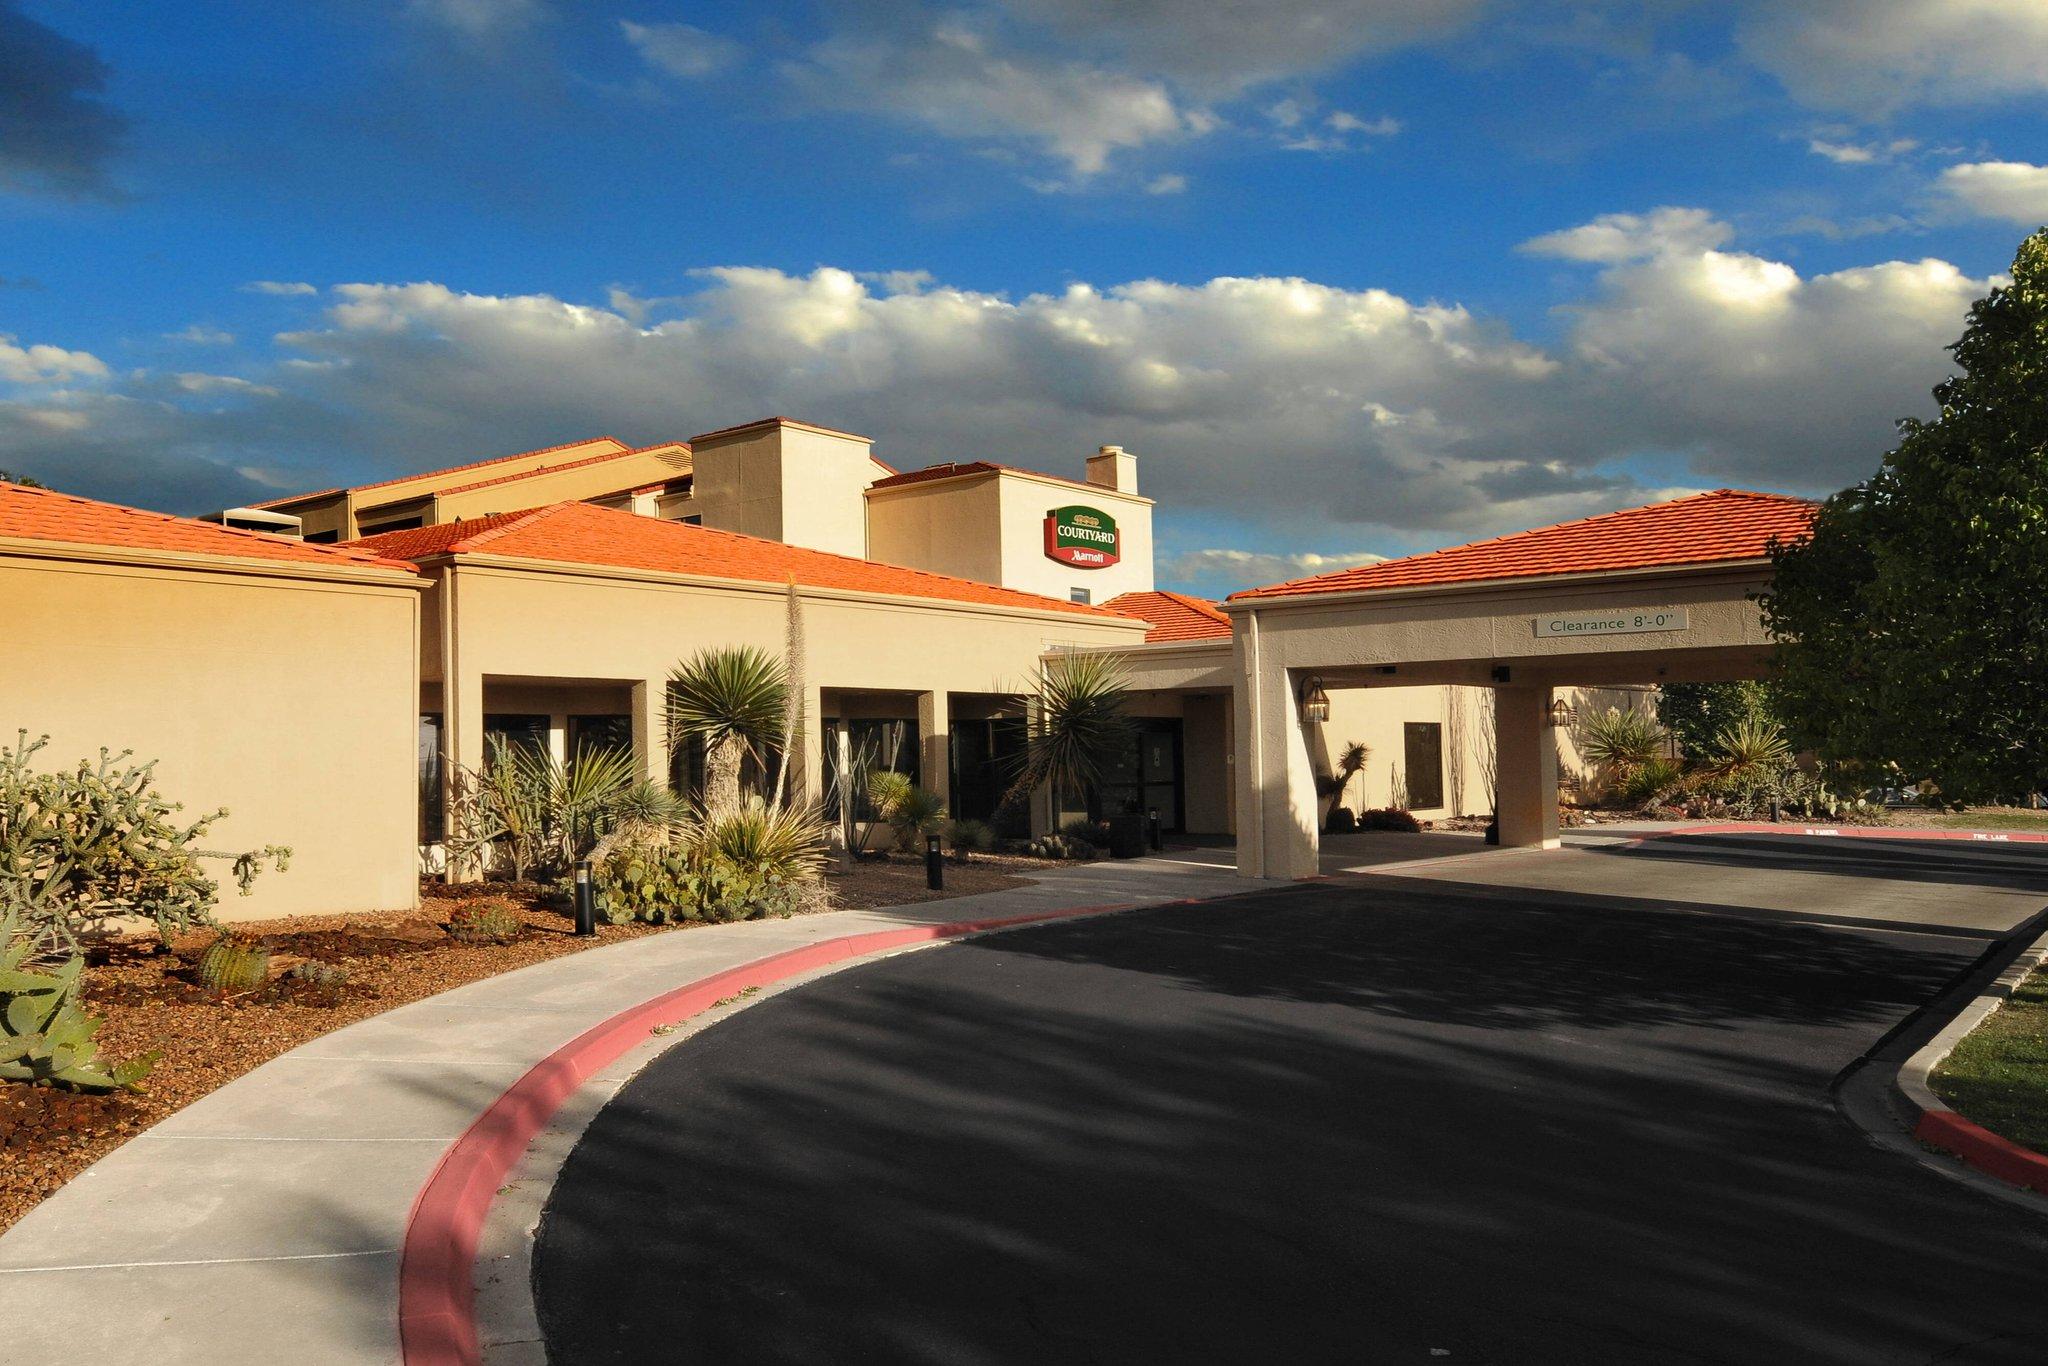 Albuquerque International Sunport Airport - ABQ - 289